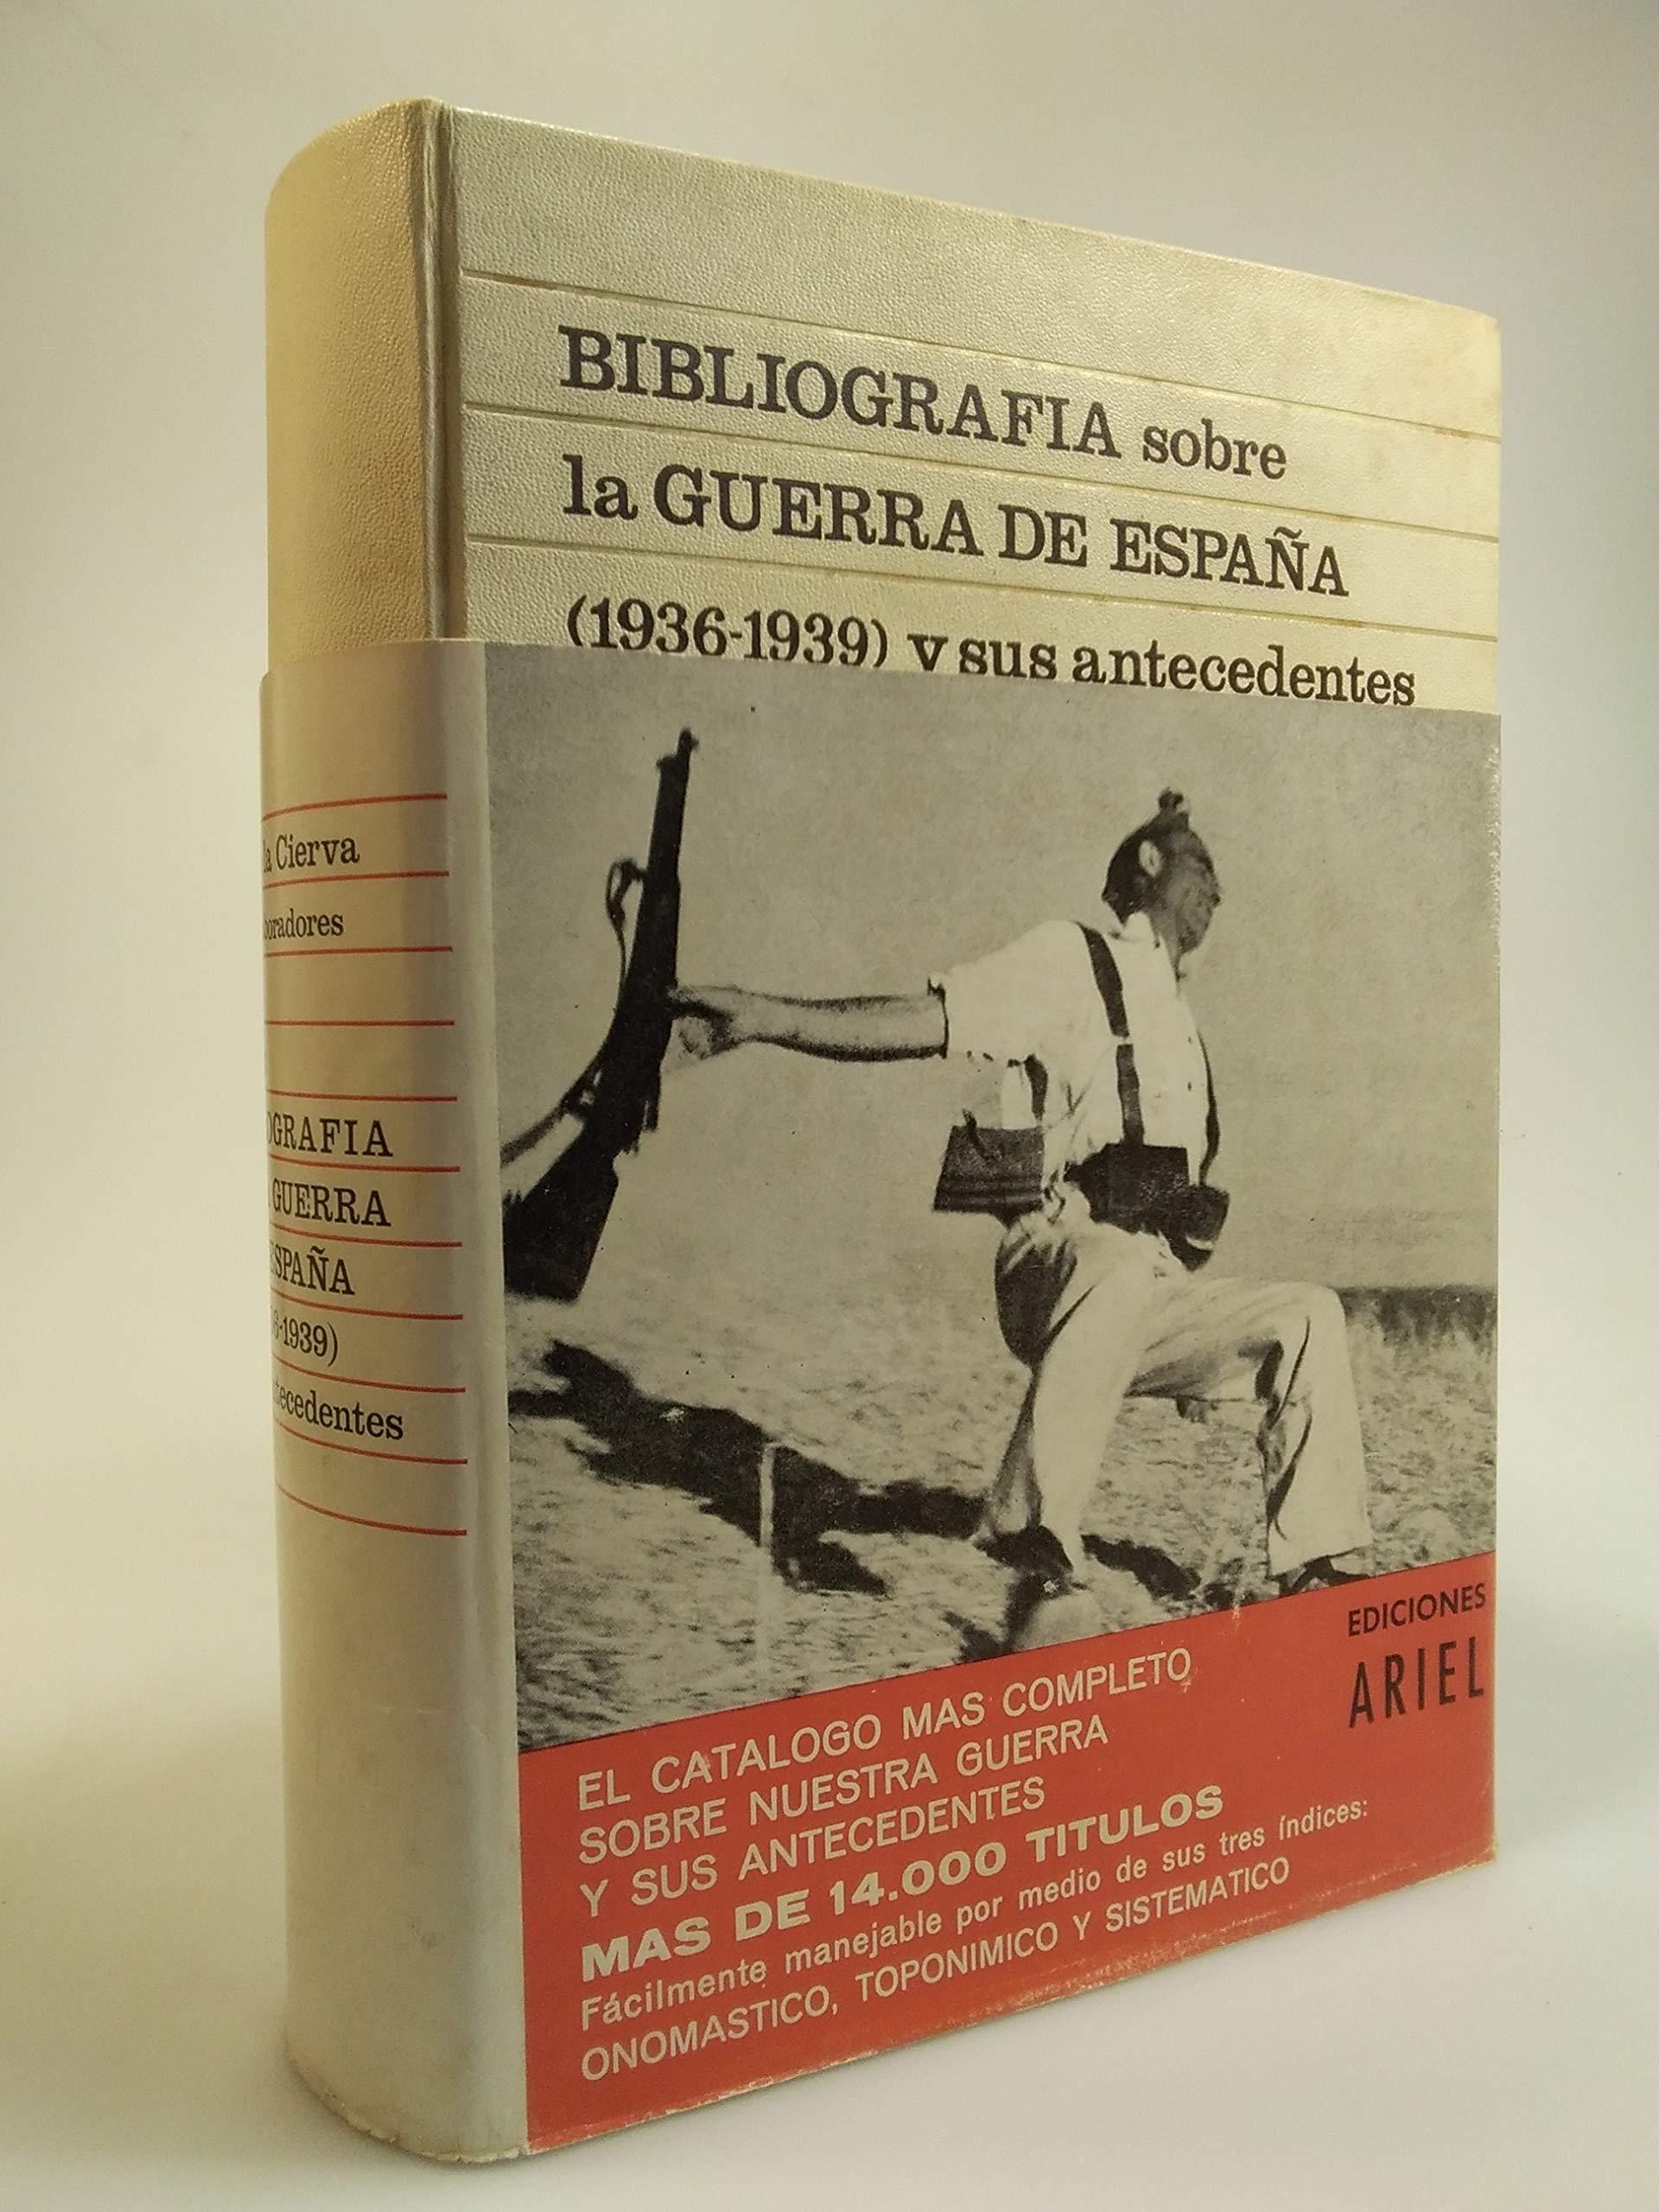 BIBLIOGRAFIA GENERAL SOBRE LA GUERRA DE ESPAÑA 1936-1939 Y SUS ANTECEDENTES HISTORICOS. FUENTES PARA LA HISTORIA CONTEMPORANEA DE ESPAÑA.: Amazon.es: DE LA CIERVA, Ricardo (dir.) GARRIDO, María del Carmen. (Coord.): Libros